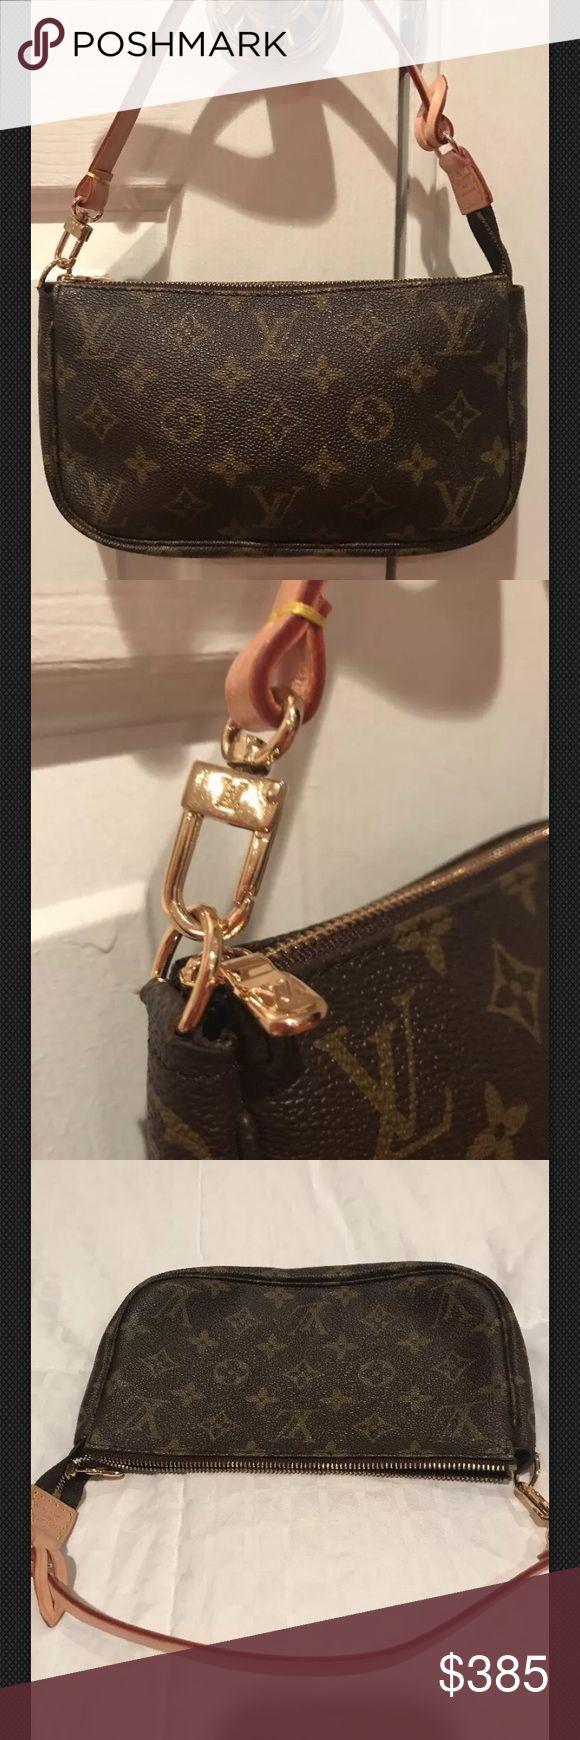 Louis Vuitton monogram canvas pochette In new condition Louis Vuitton Bags Mini Bags